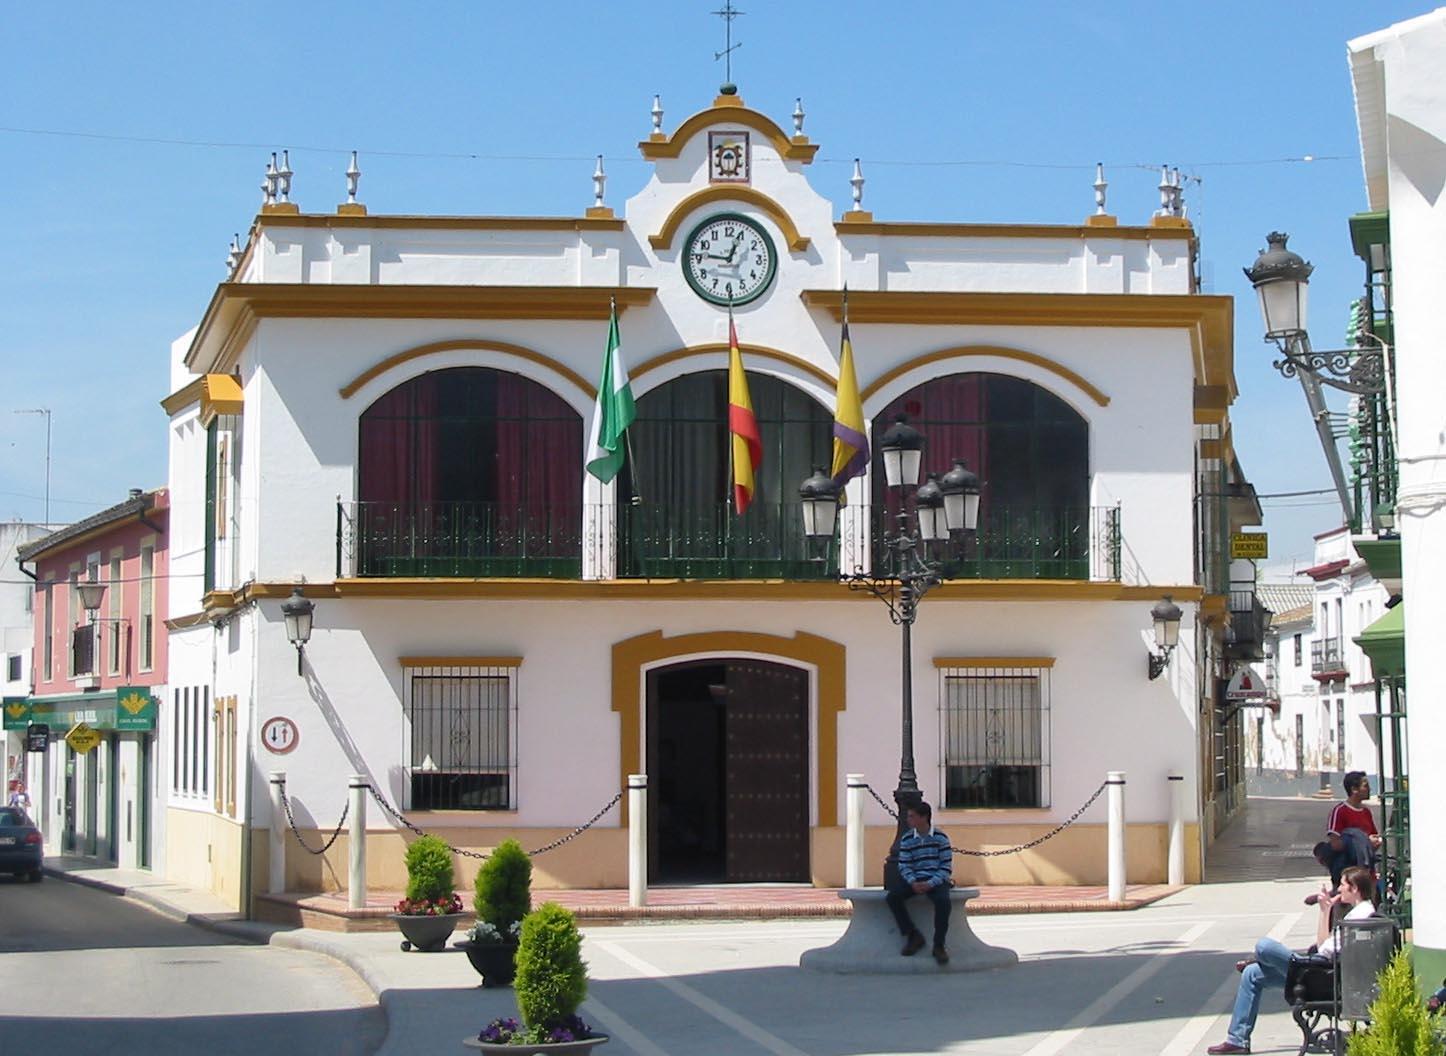 Actualidad jur dica hoy ajh los ayuntamientos perder n for Aeat oficina virtual sede electronica